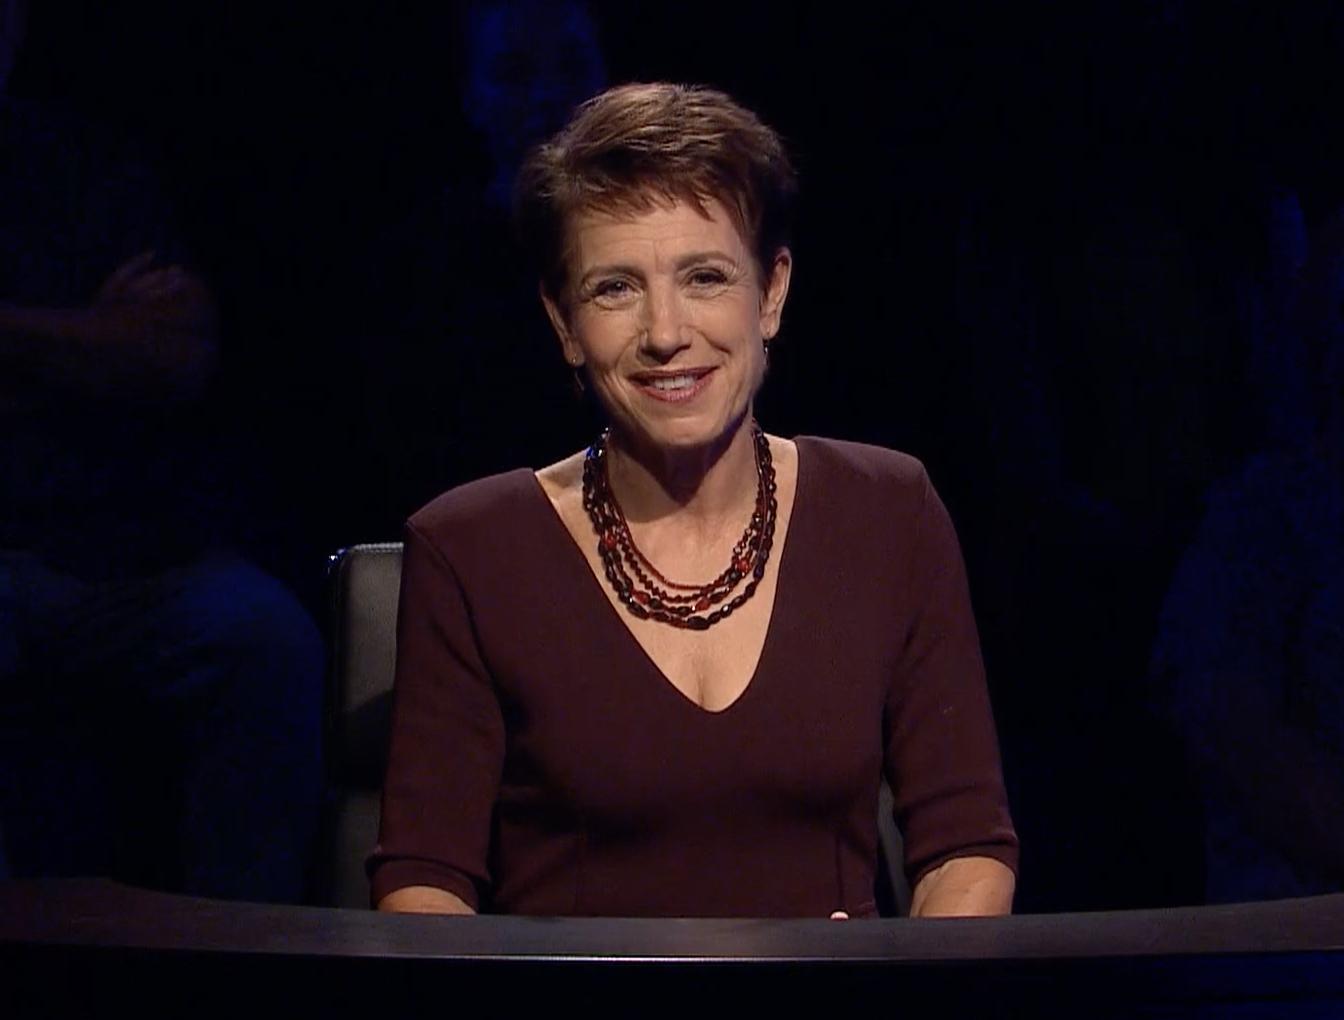 Jennifer Byrne hosting episode 1 of MASTERMIND